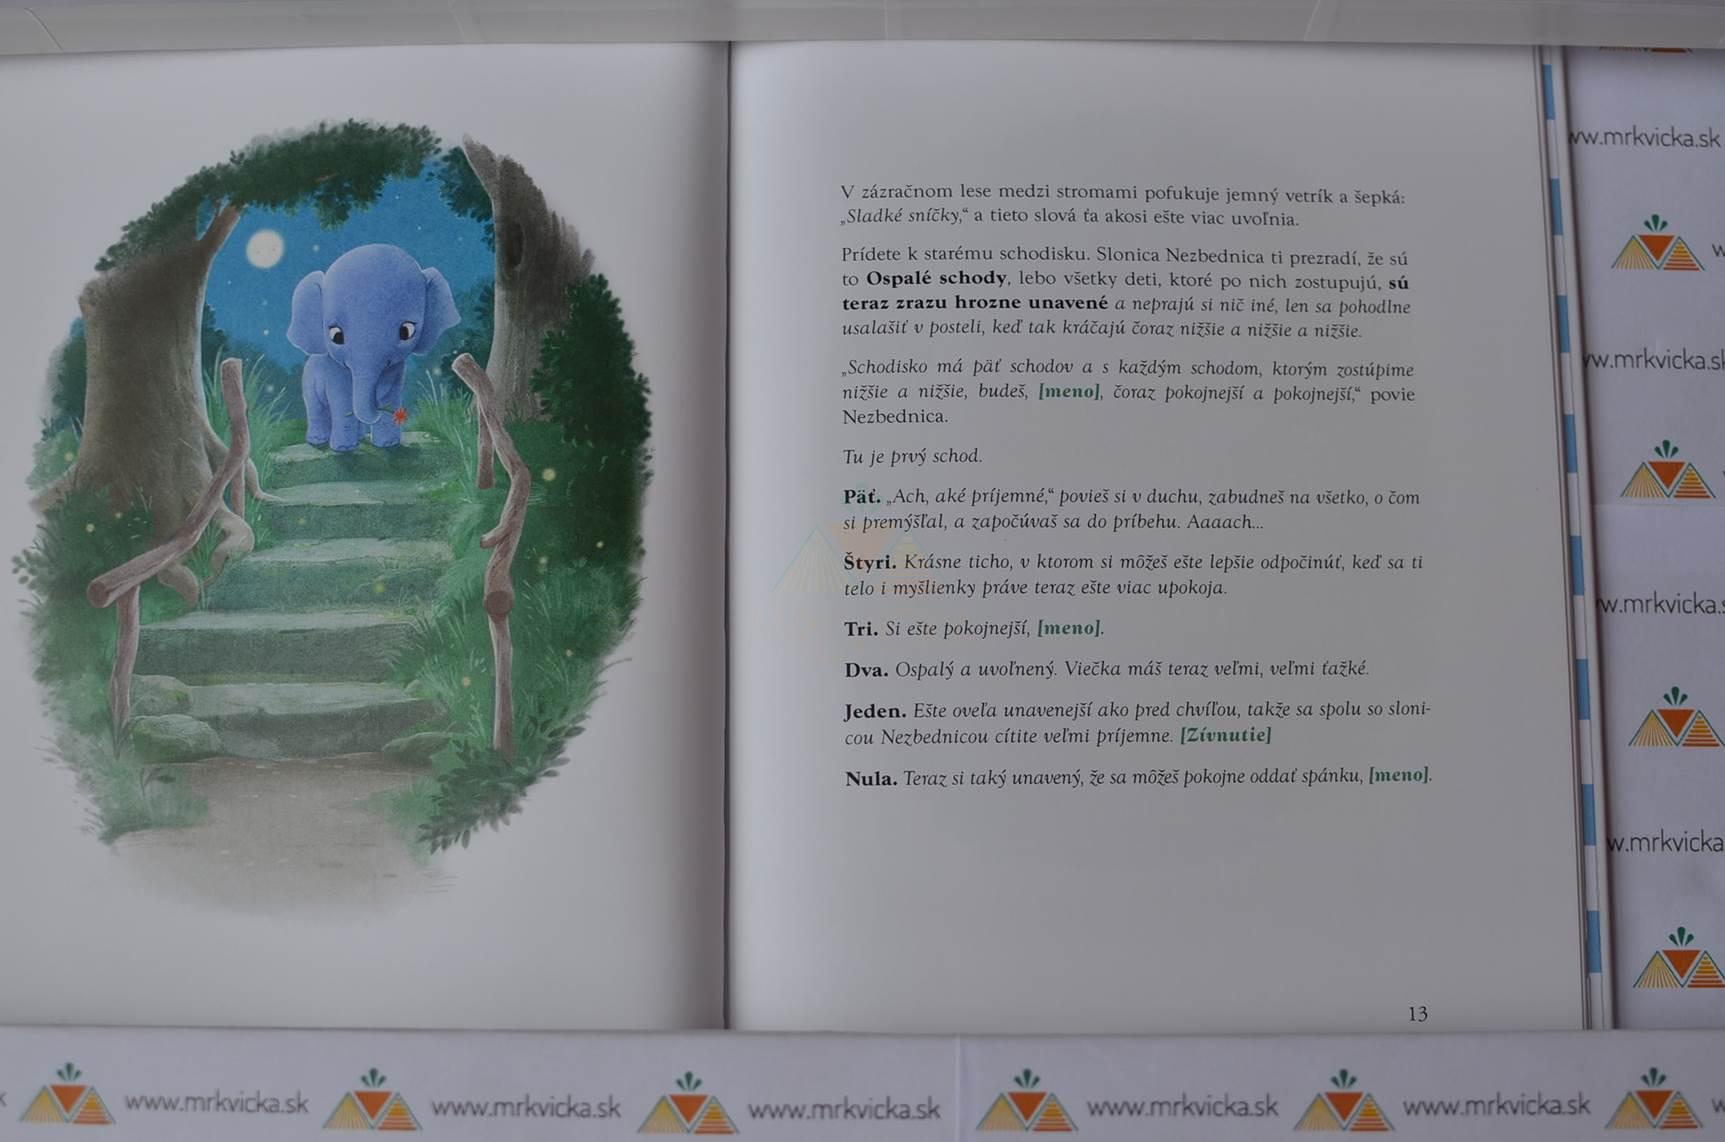 Sloníča, ktoré chce zaspať